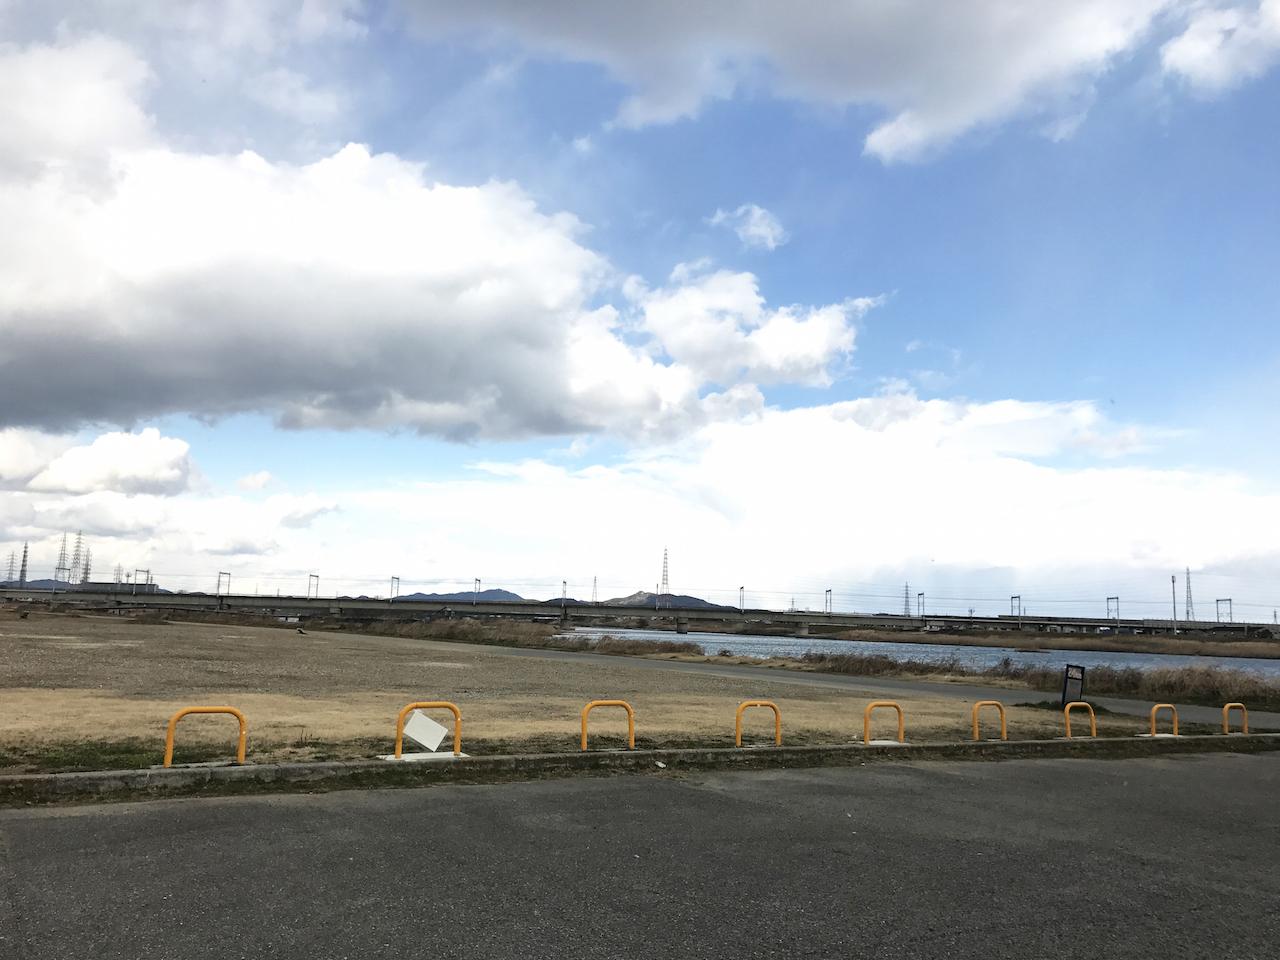 当日でもテニスできる!加古川の無料河川敷テニスコートは予約なしで使えるぞ